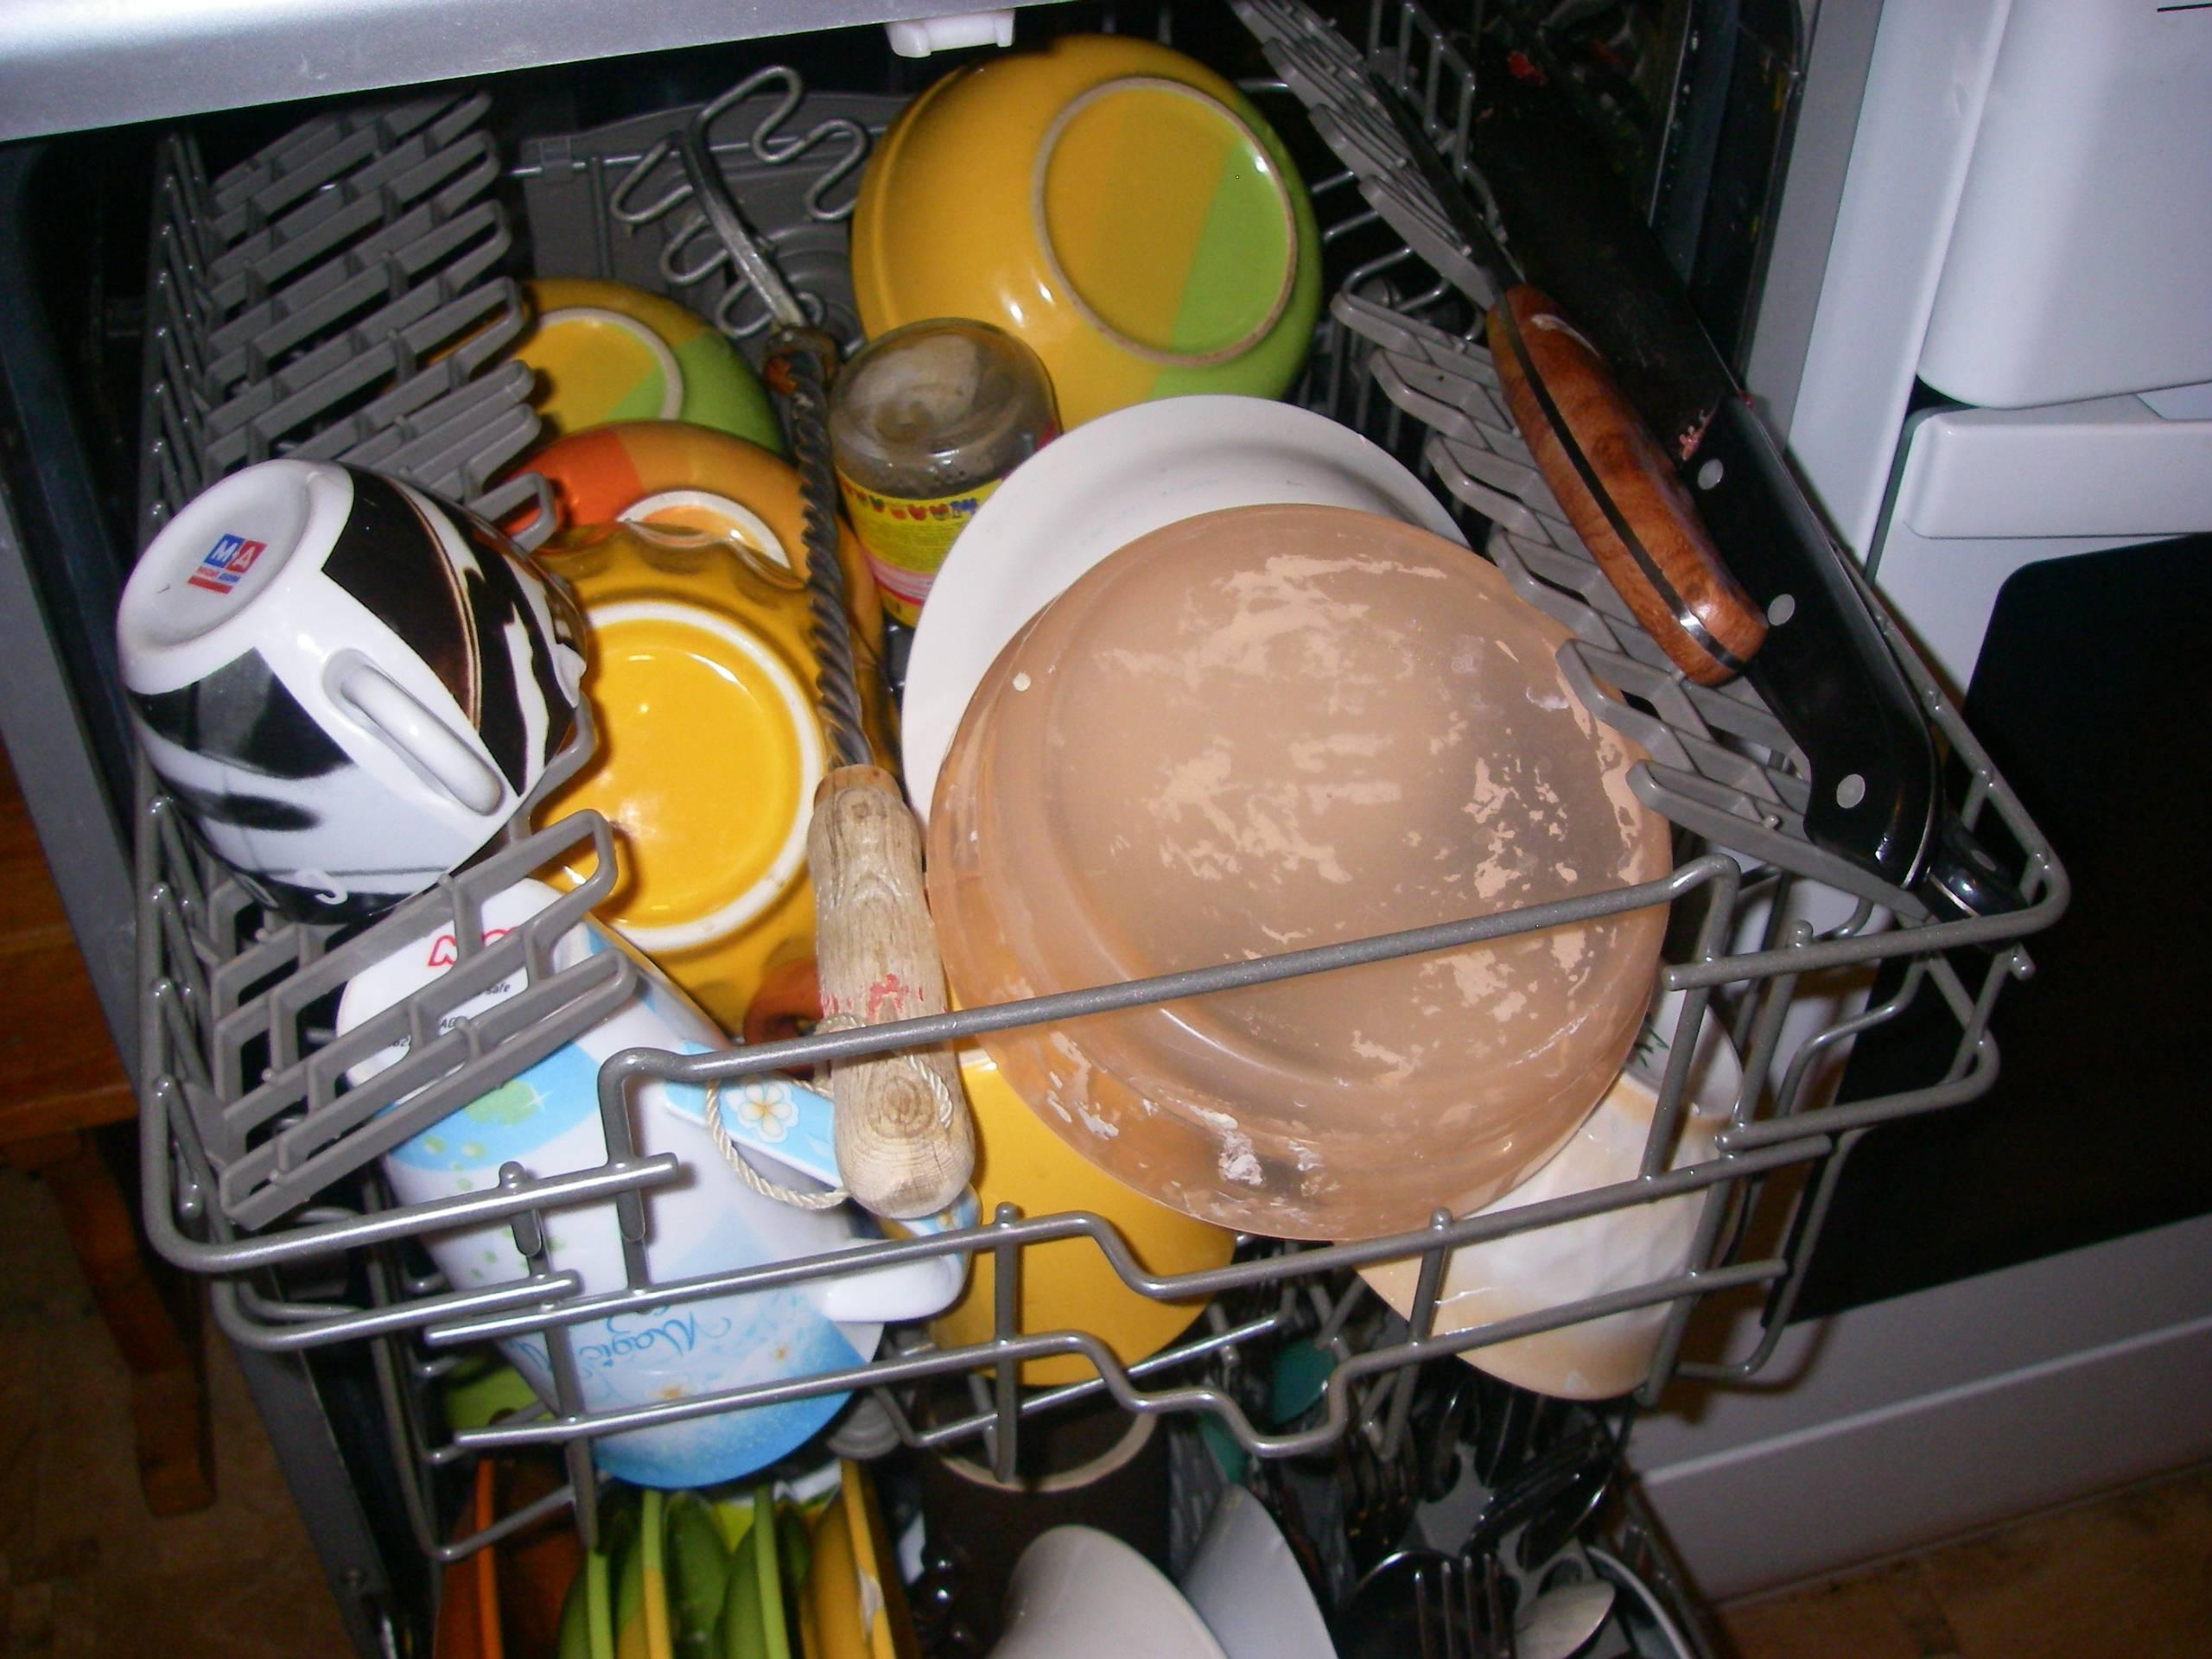 Список предметов, которые нельзя мыть в посудомоечной машине